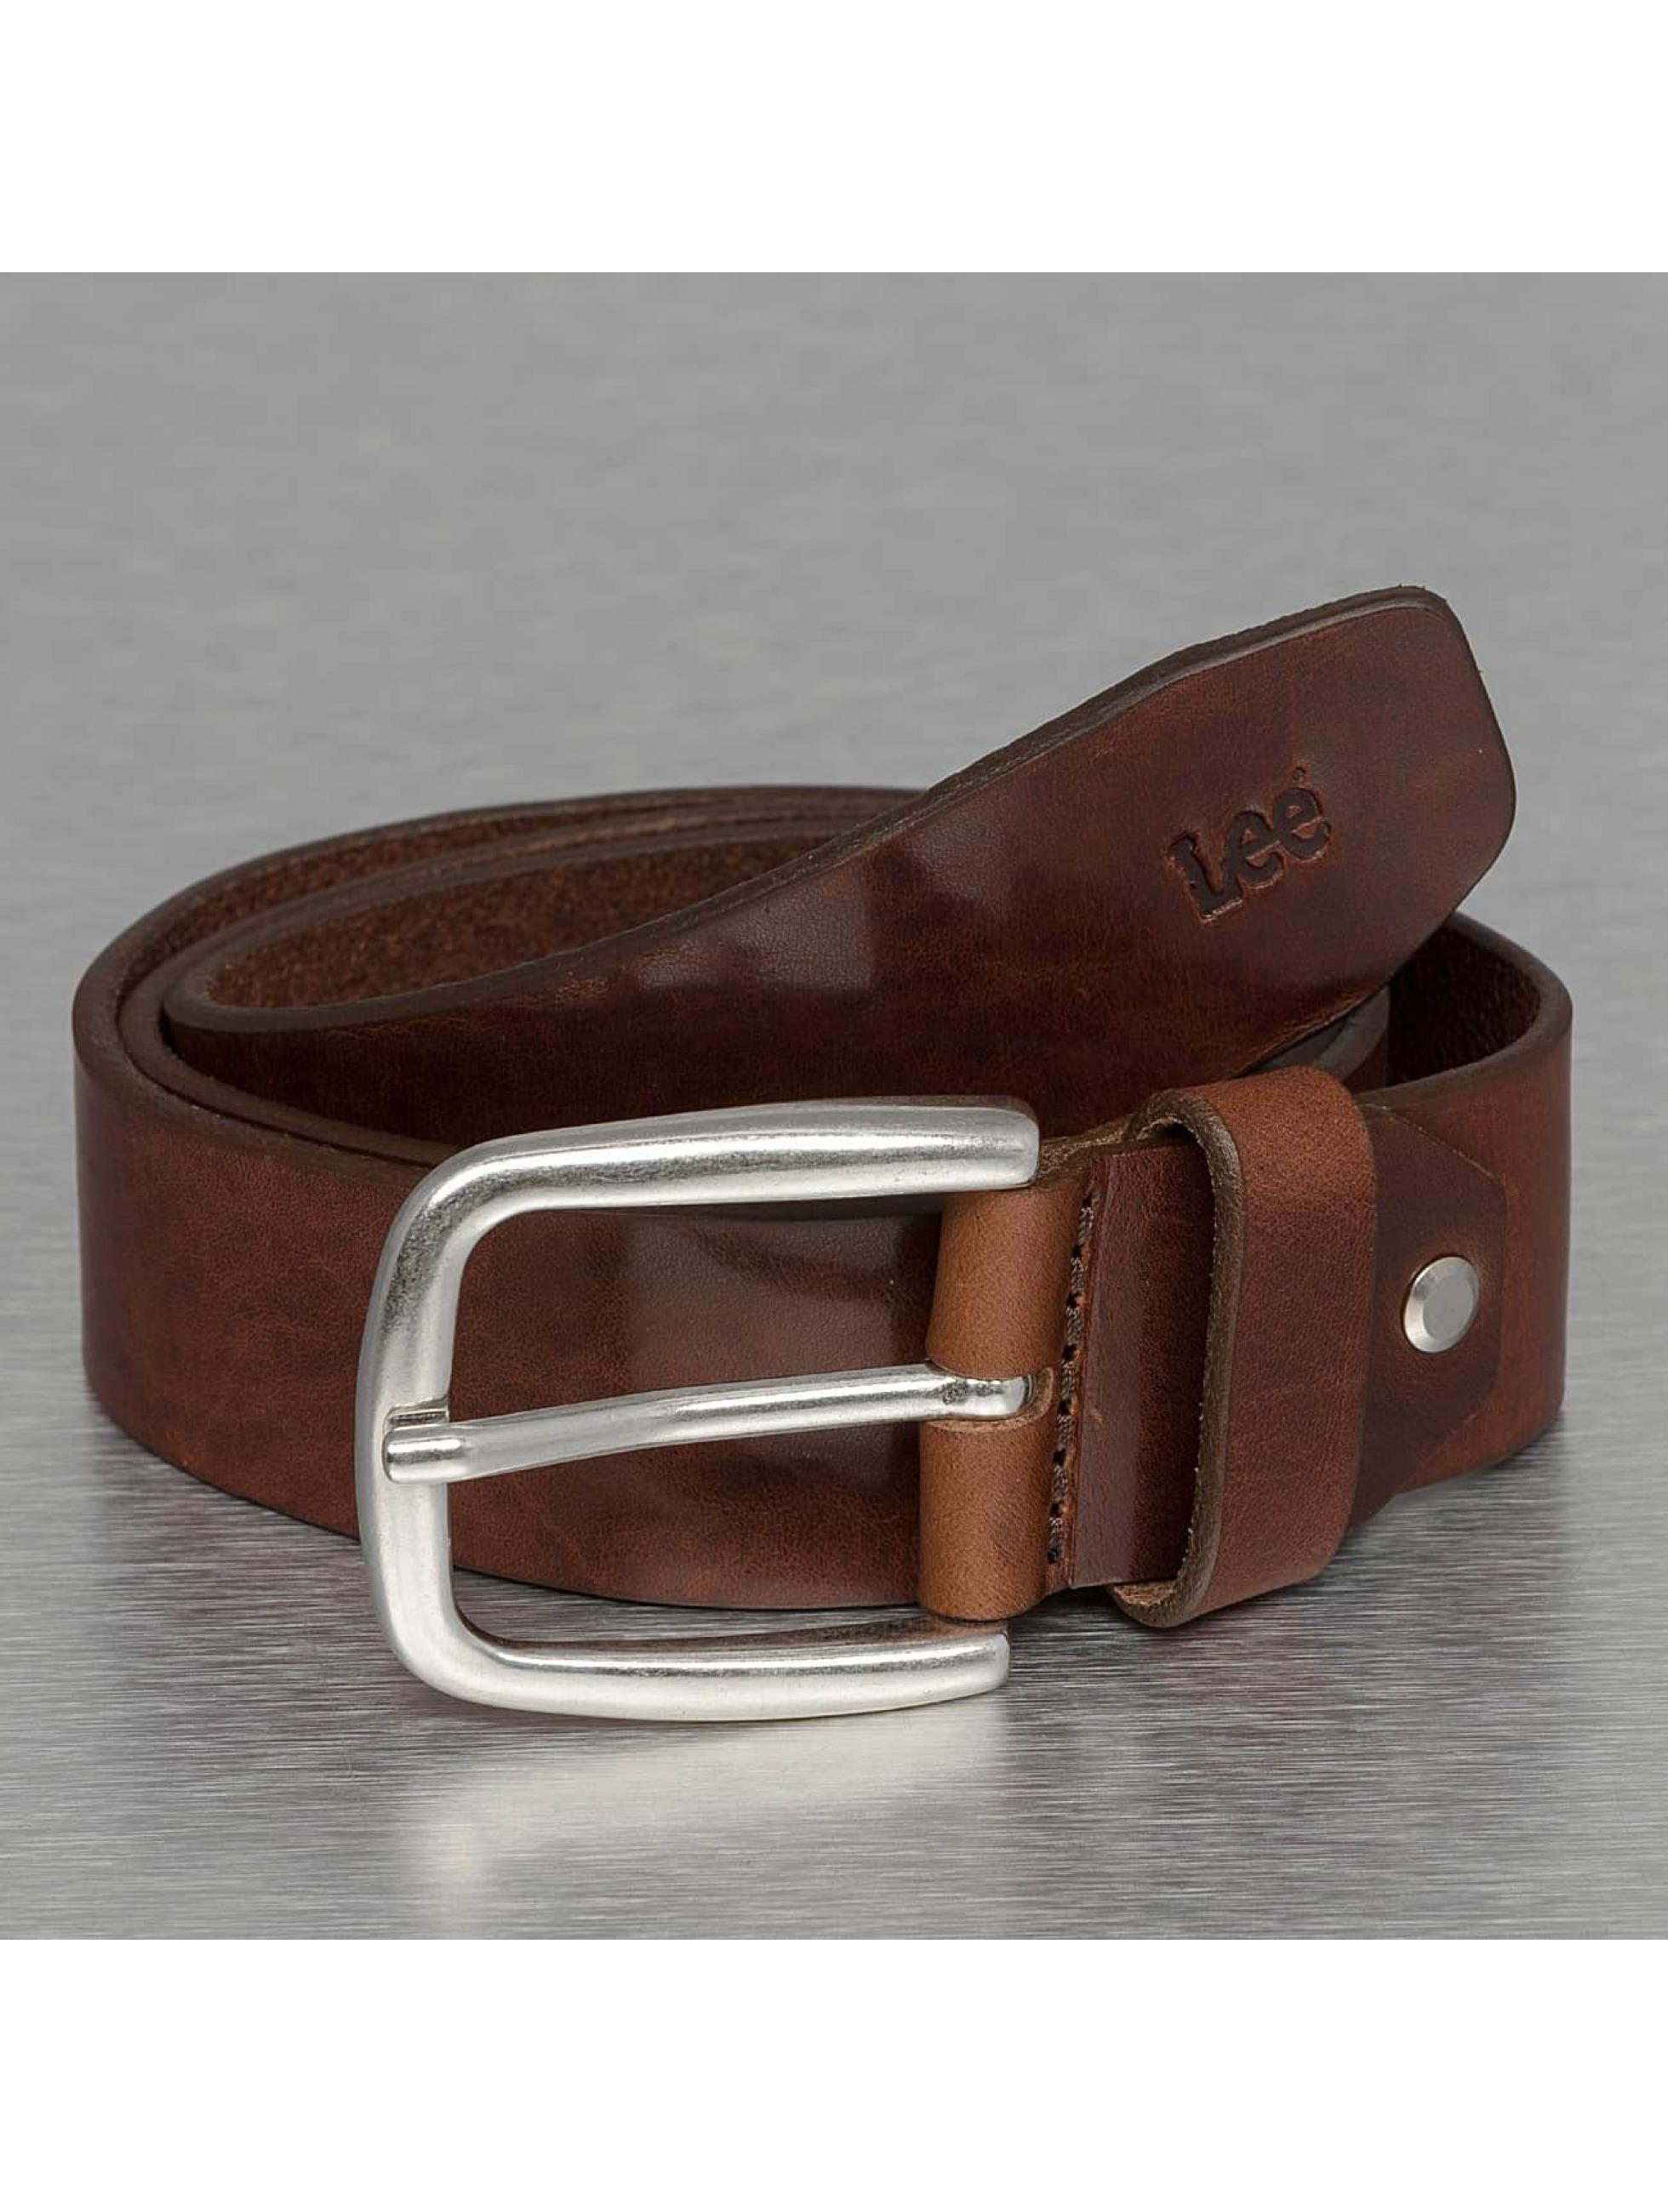 Lee Belt Basic brown